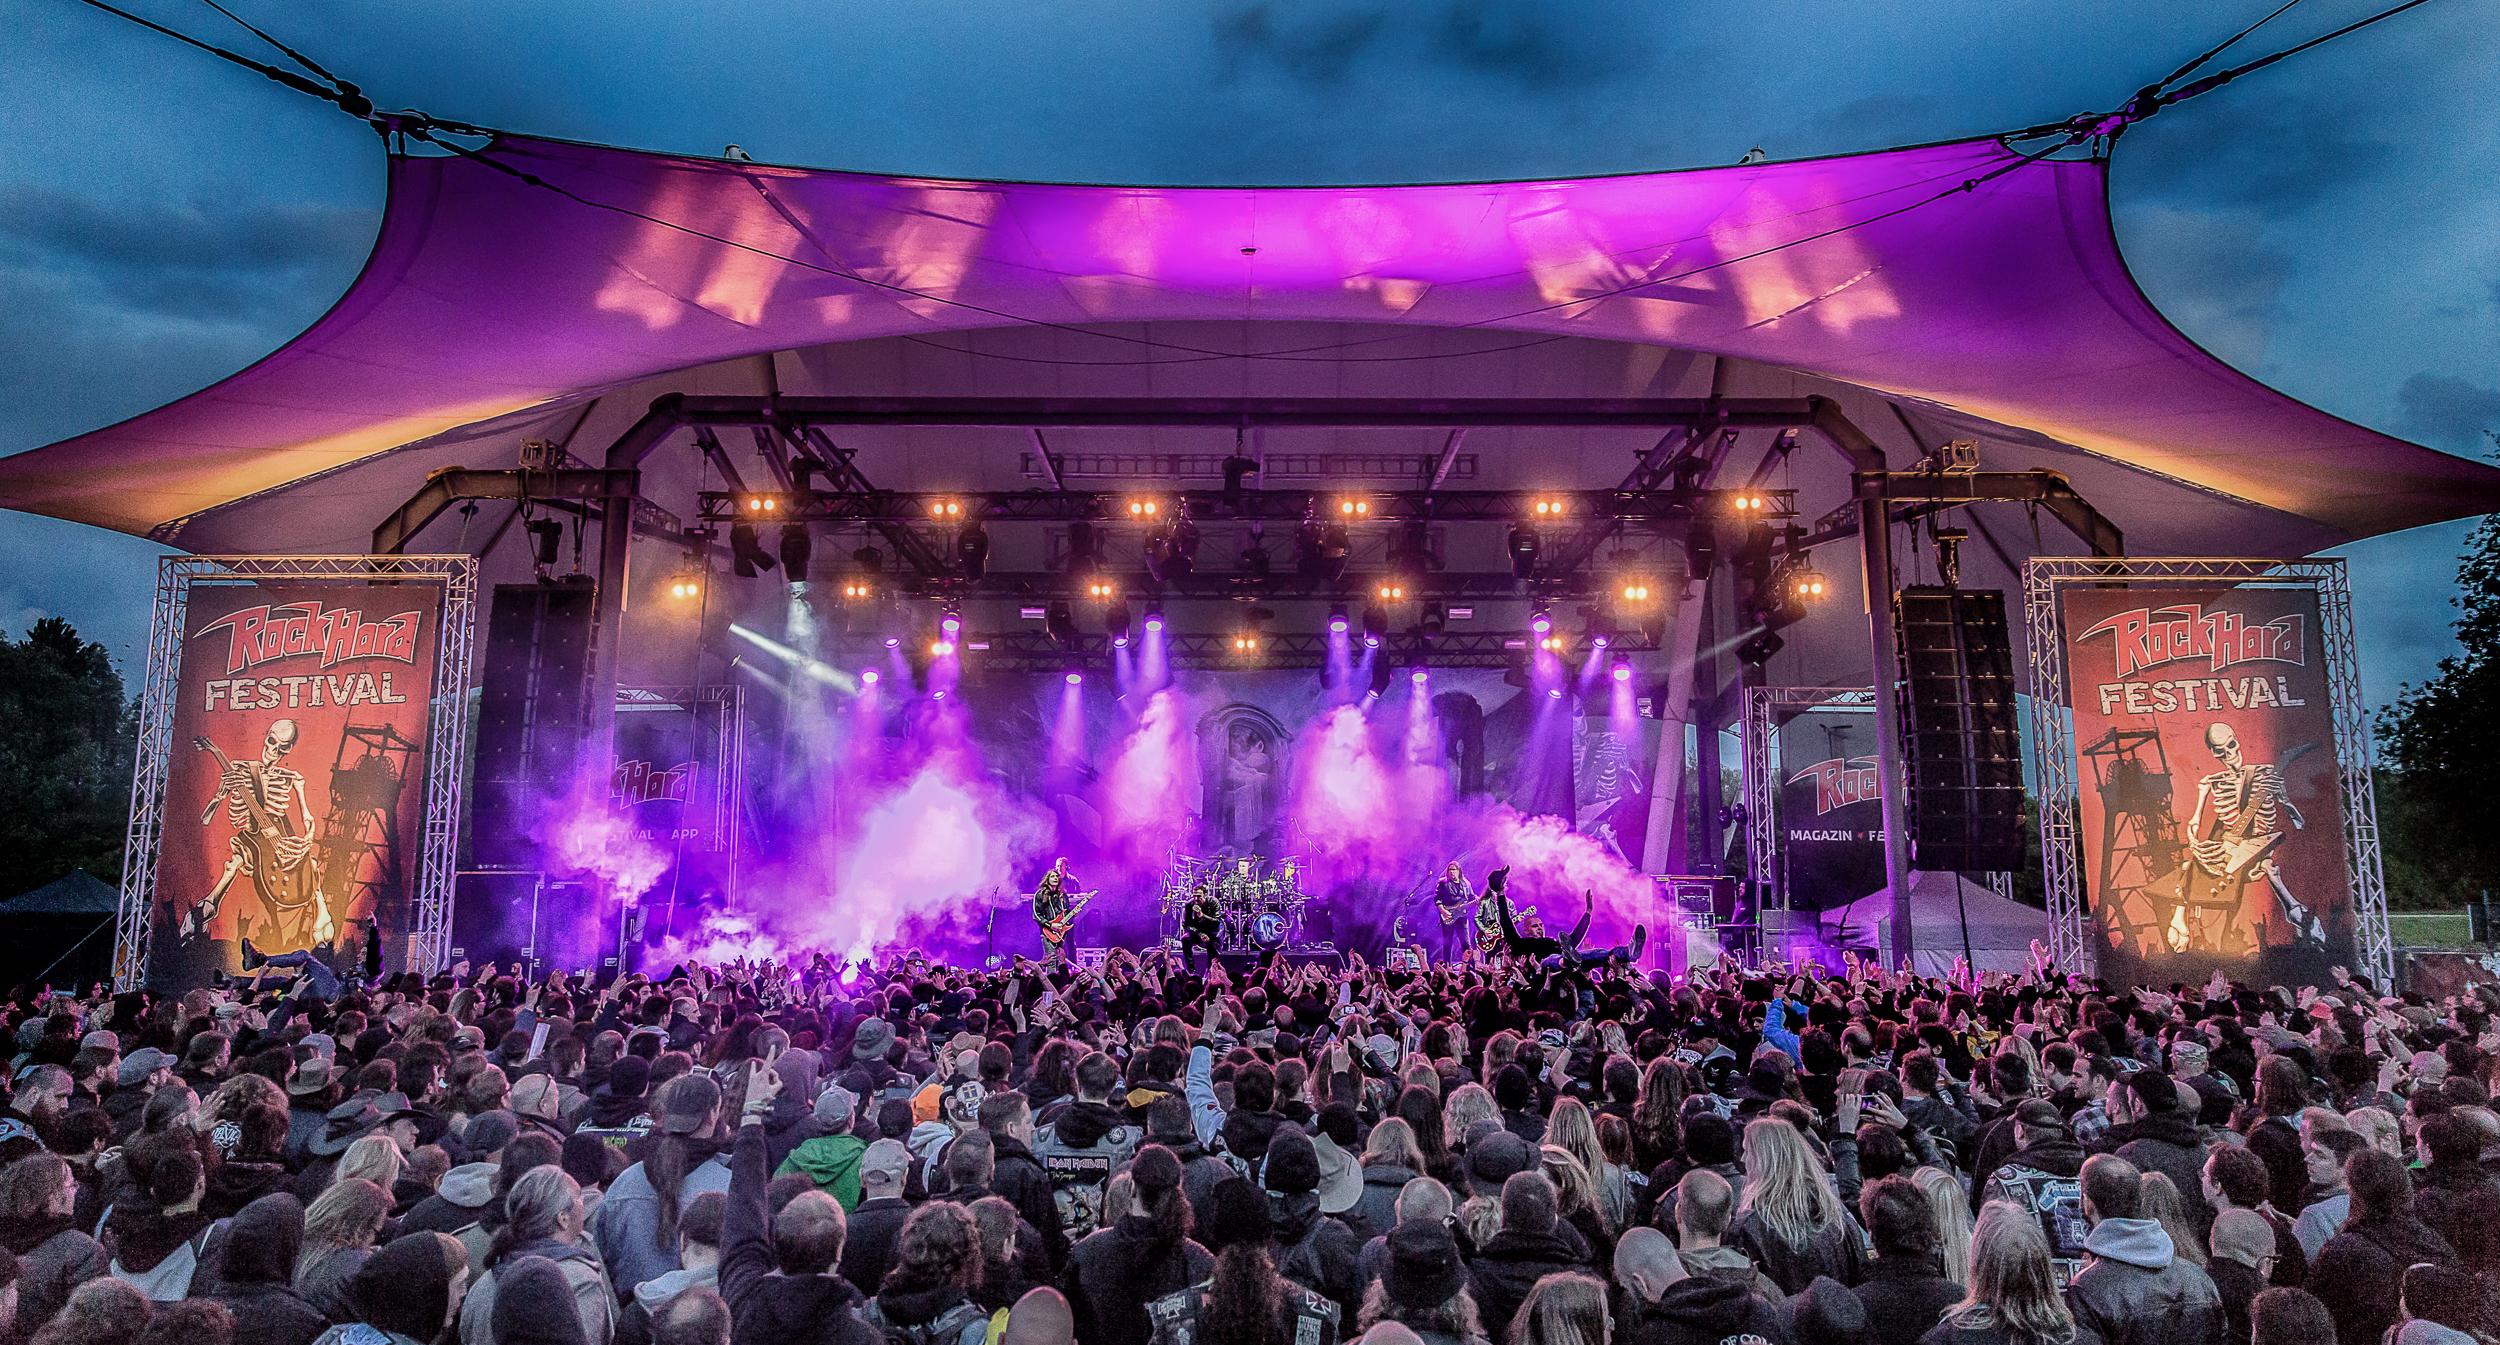 rock-hard-festival-2020-pfingsten-29-05-31-05-20-in-gelsenkirchen